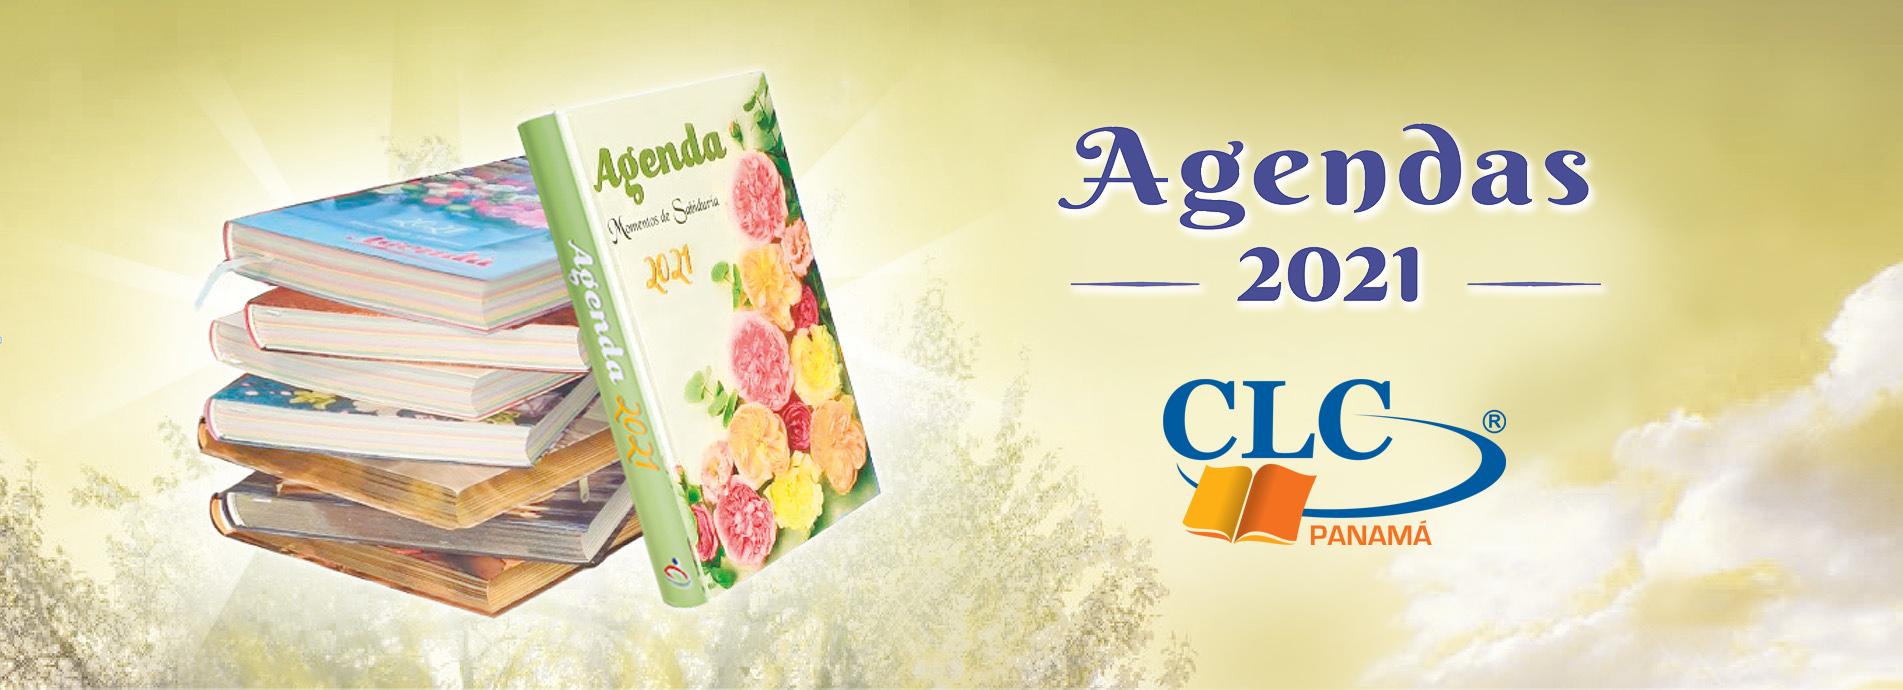 4. AGENDAS 2021 CLC Panamá